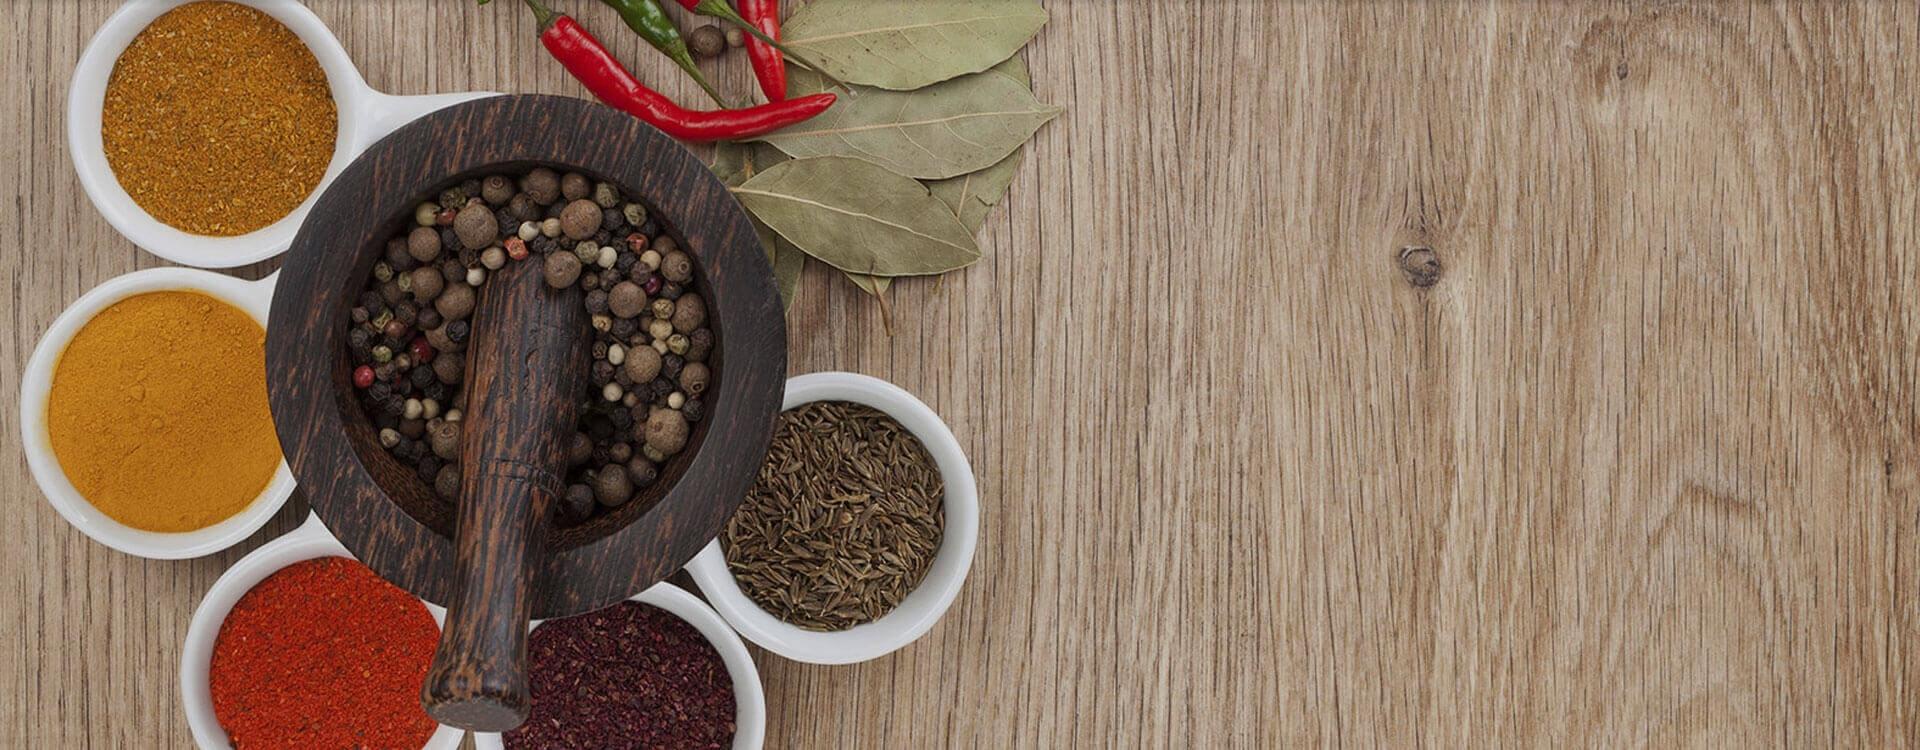 Mueslis Ecológicos y Frutos Secos a Granel (@mueslisecologicos) Cover Image